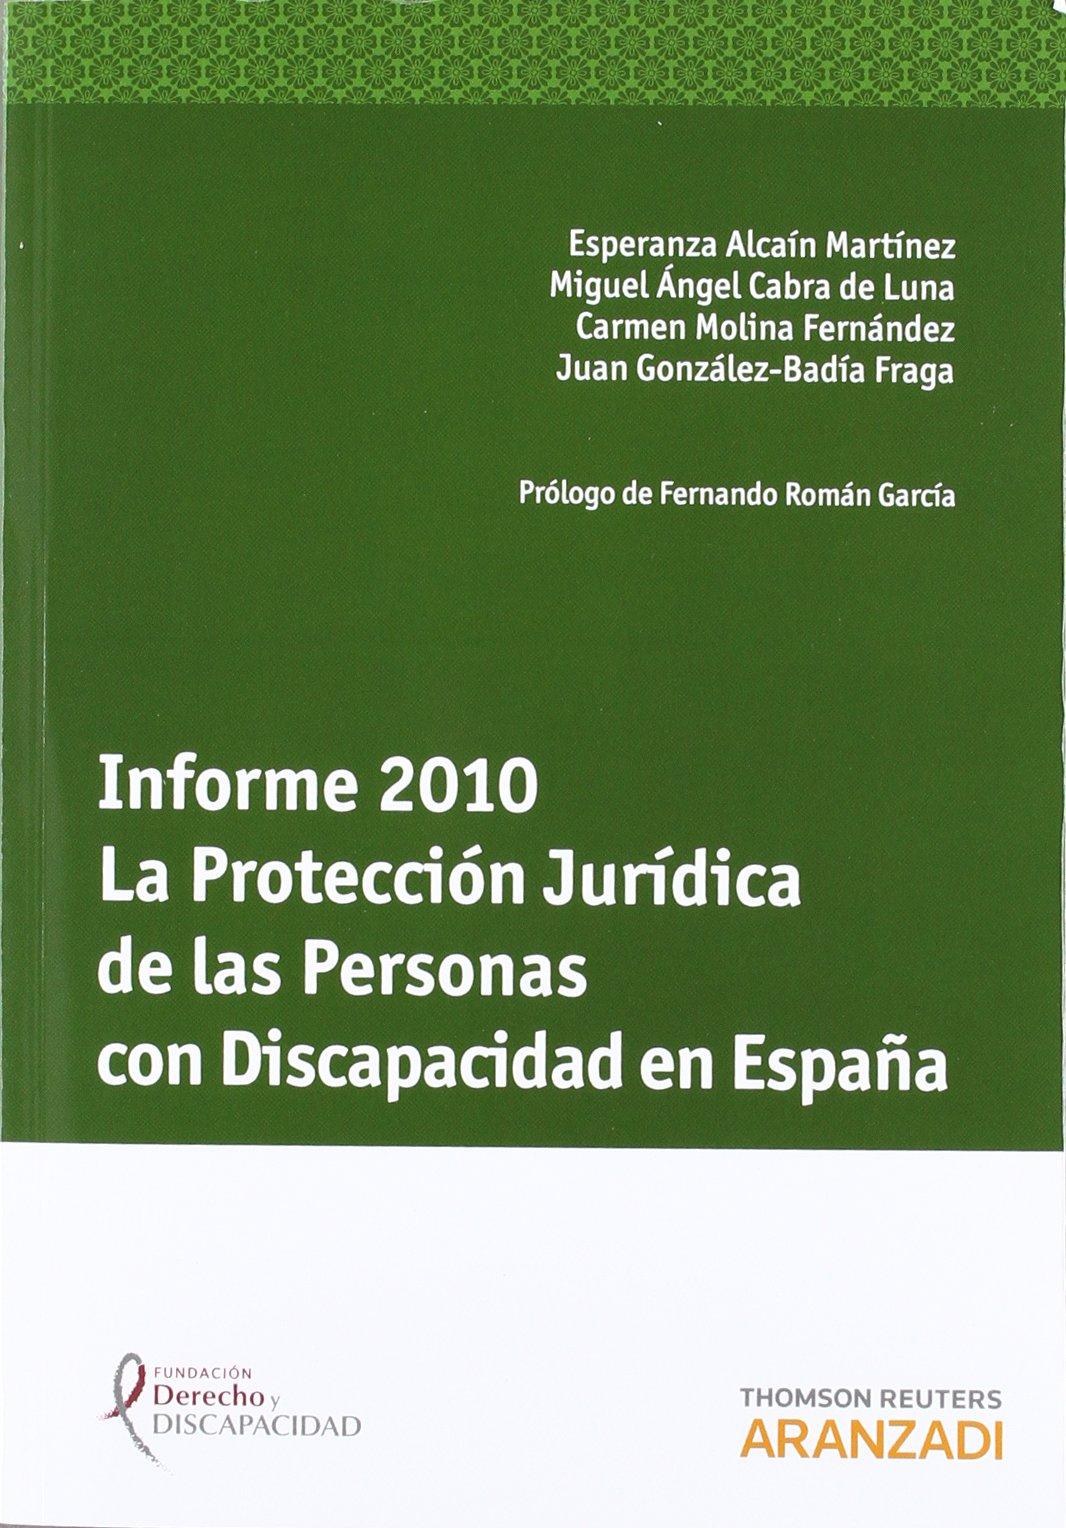 Informe 2010. La Protección Jurídica de las Personas con Discapacidad en España Monografía: Amazon.es: Derecho y Discapacidad, Fundación: Libros